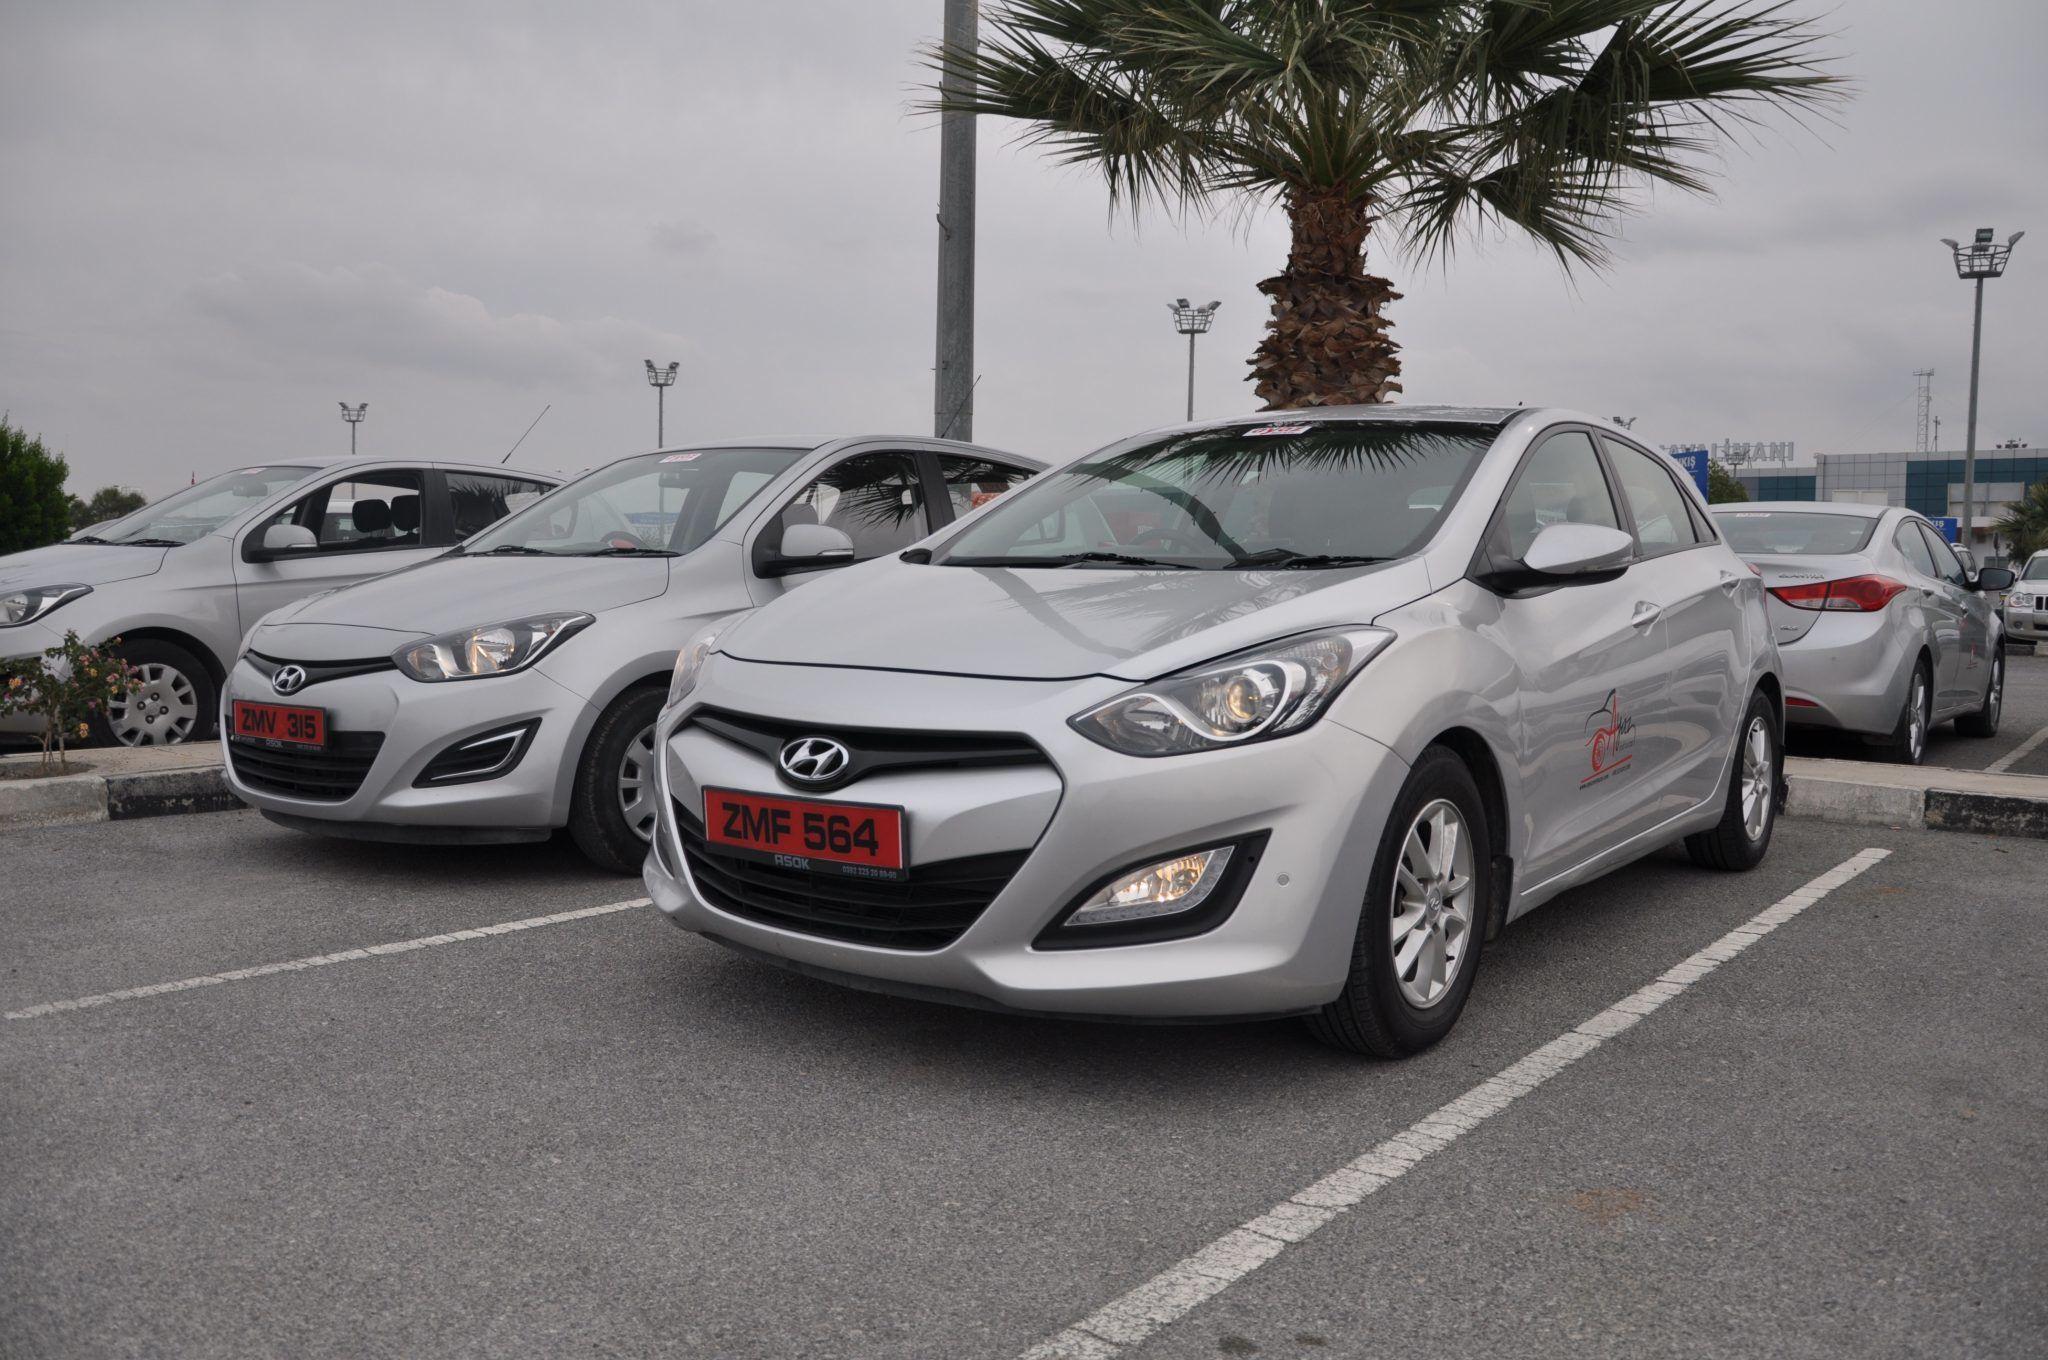 kibrisrentacar otopark 5 Güvenilir Uluslararası Kıbrıs Rent a Car Şirketleri